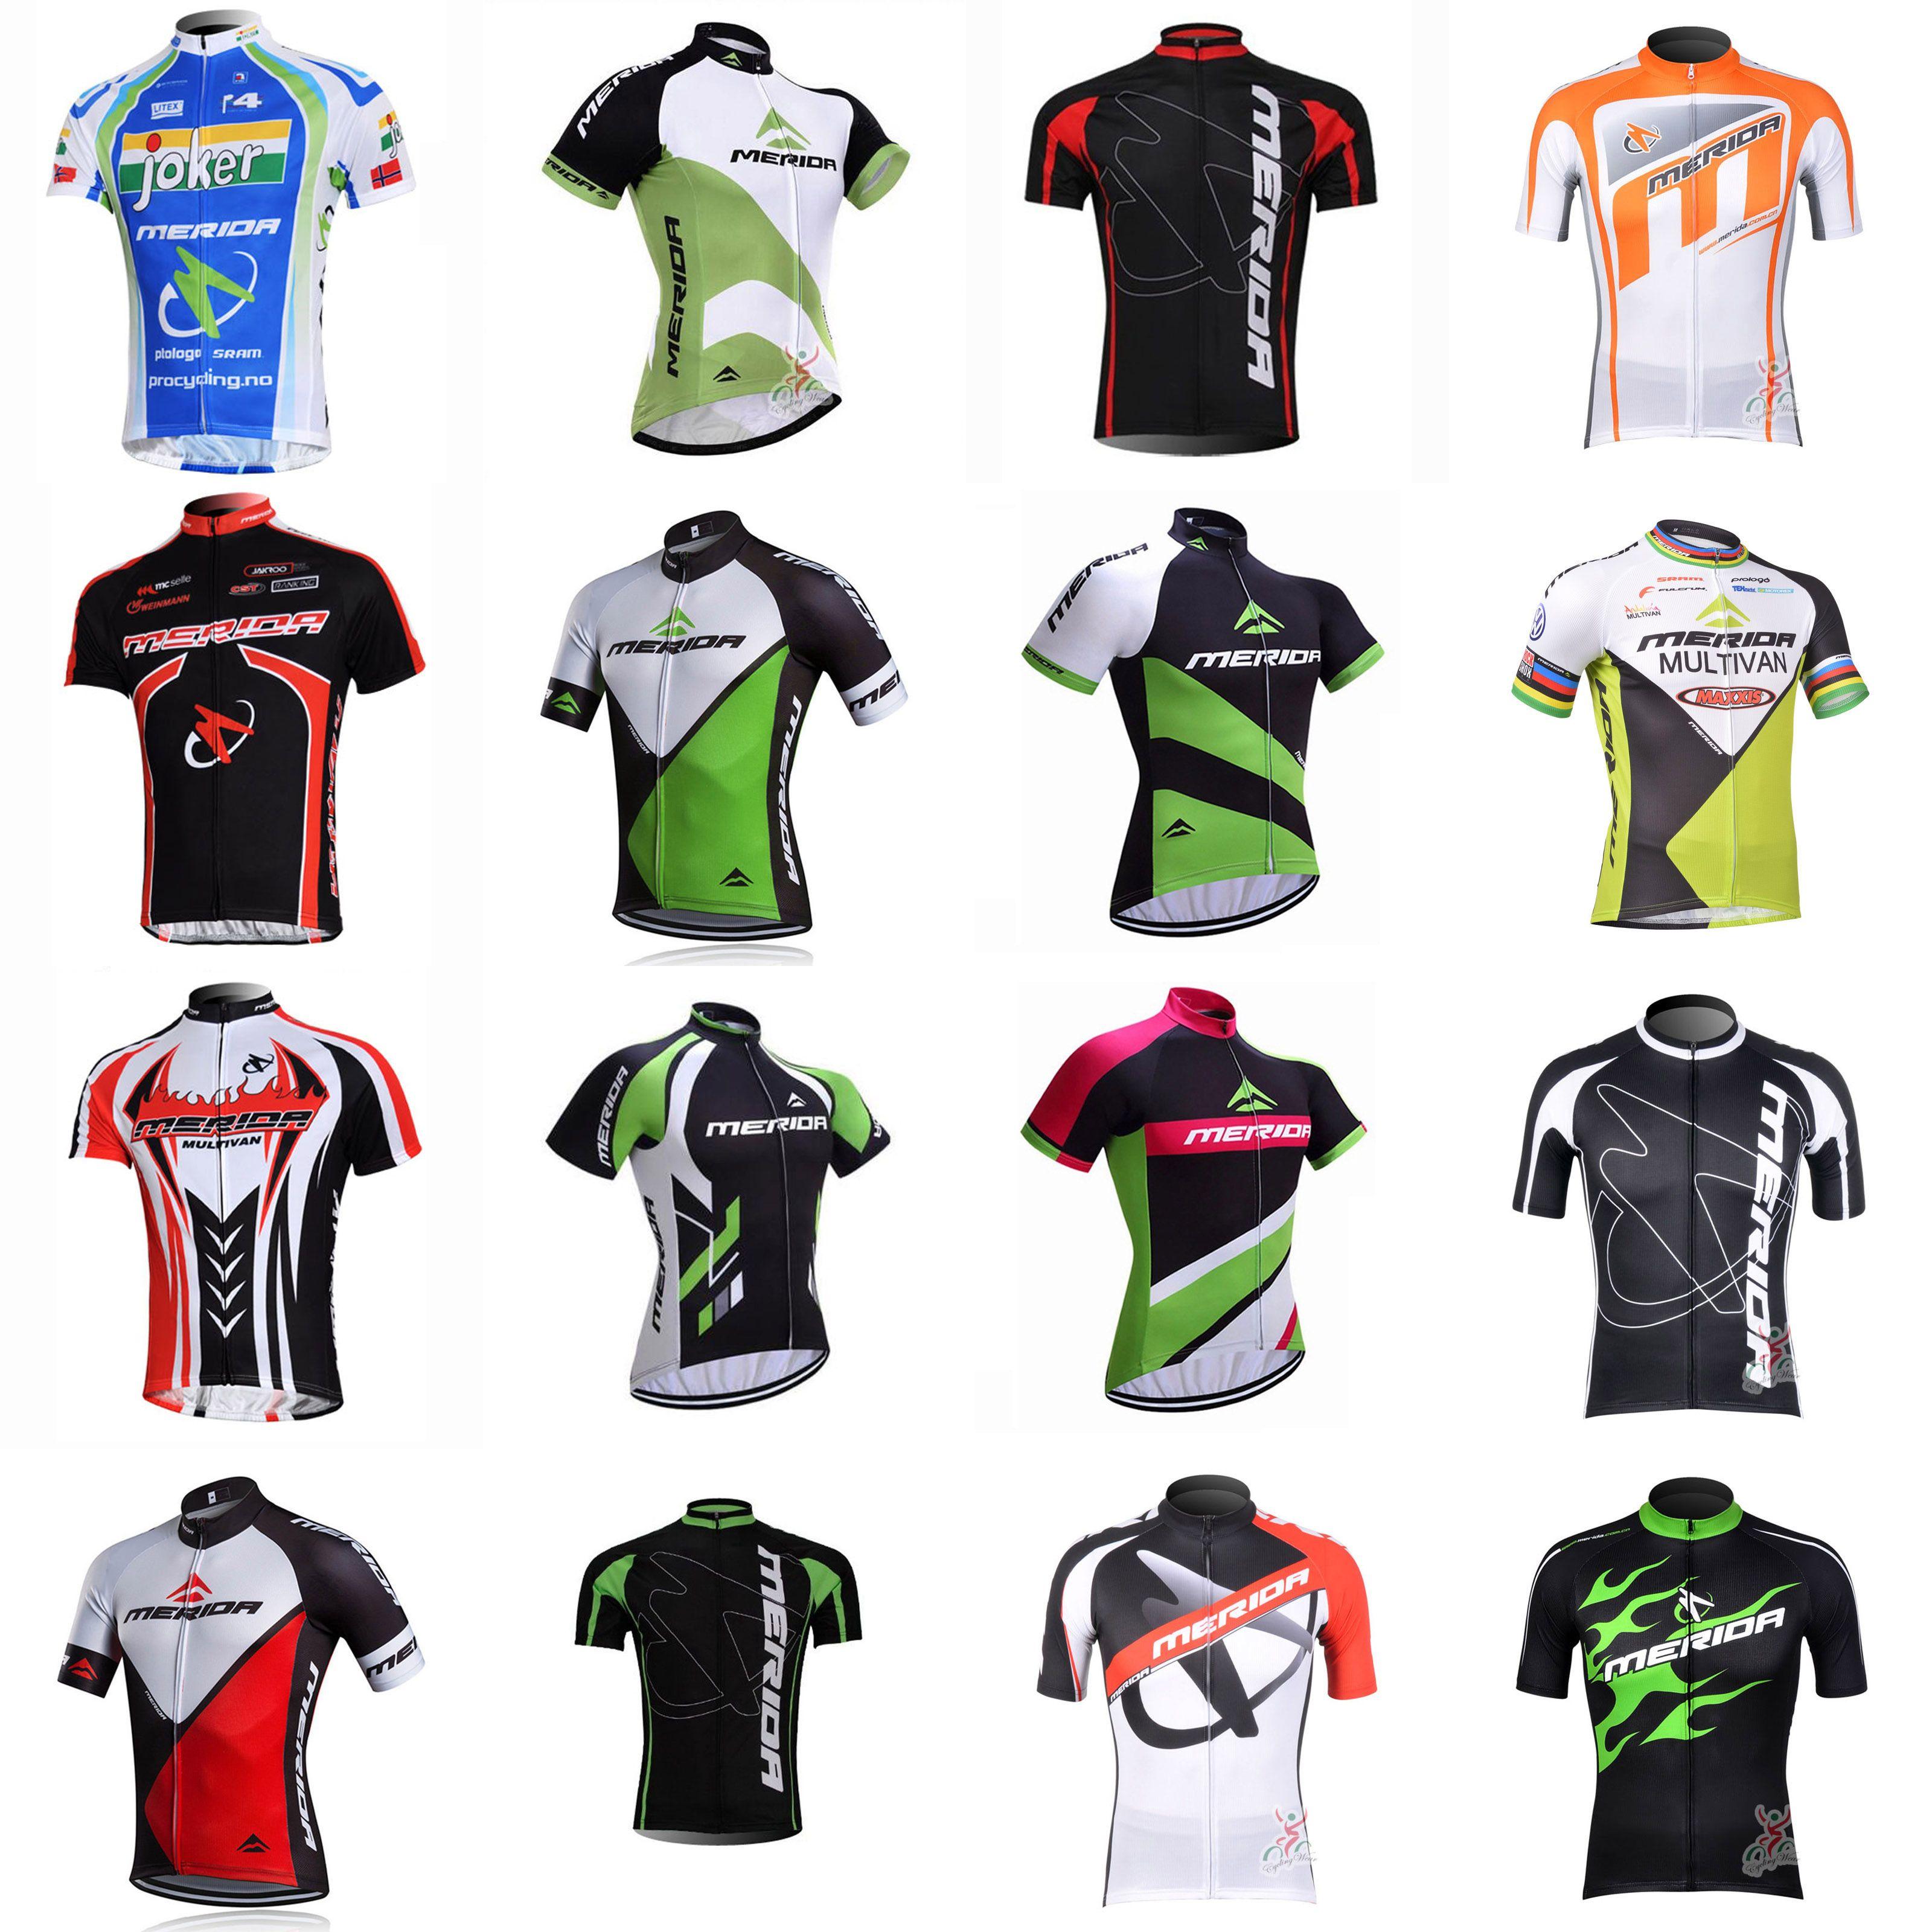 MERIDA ekibi Bisiklet Kısa Kollu jersey Dağ Bisikleti Elbise Kısa Kollu Hızlı Kuru Bisiklet Spor açık C2409